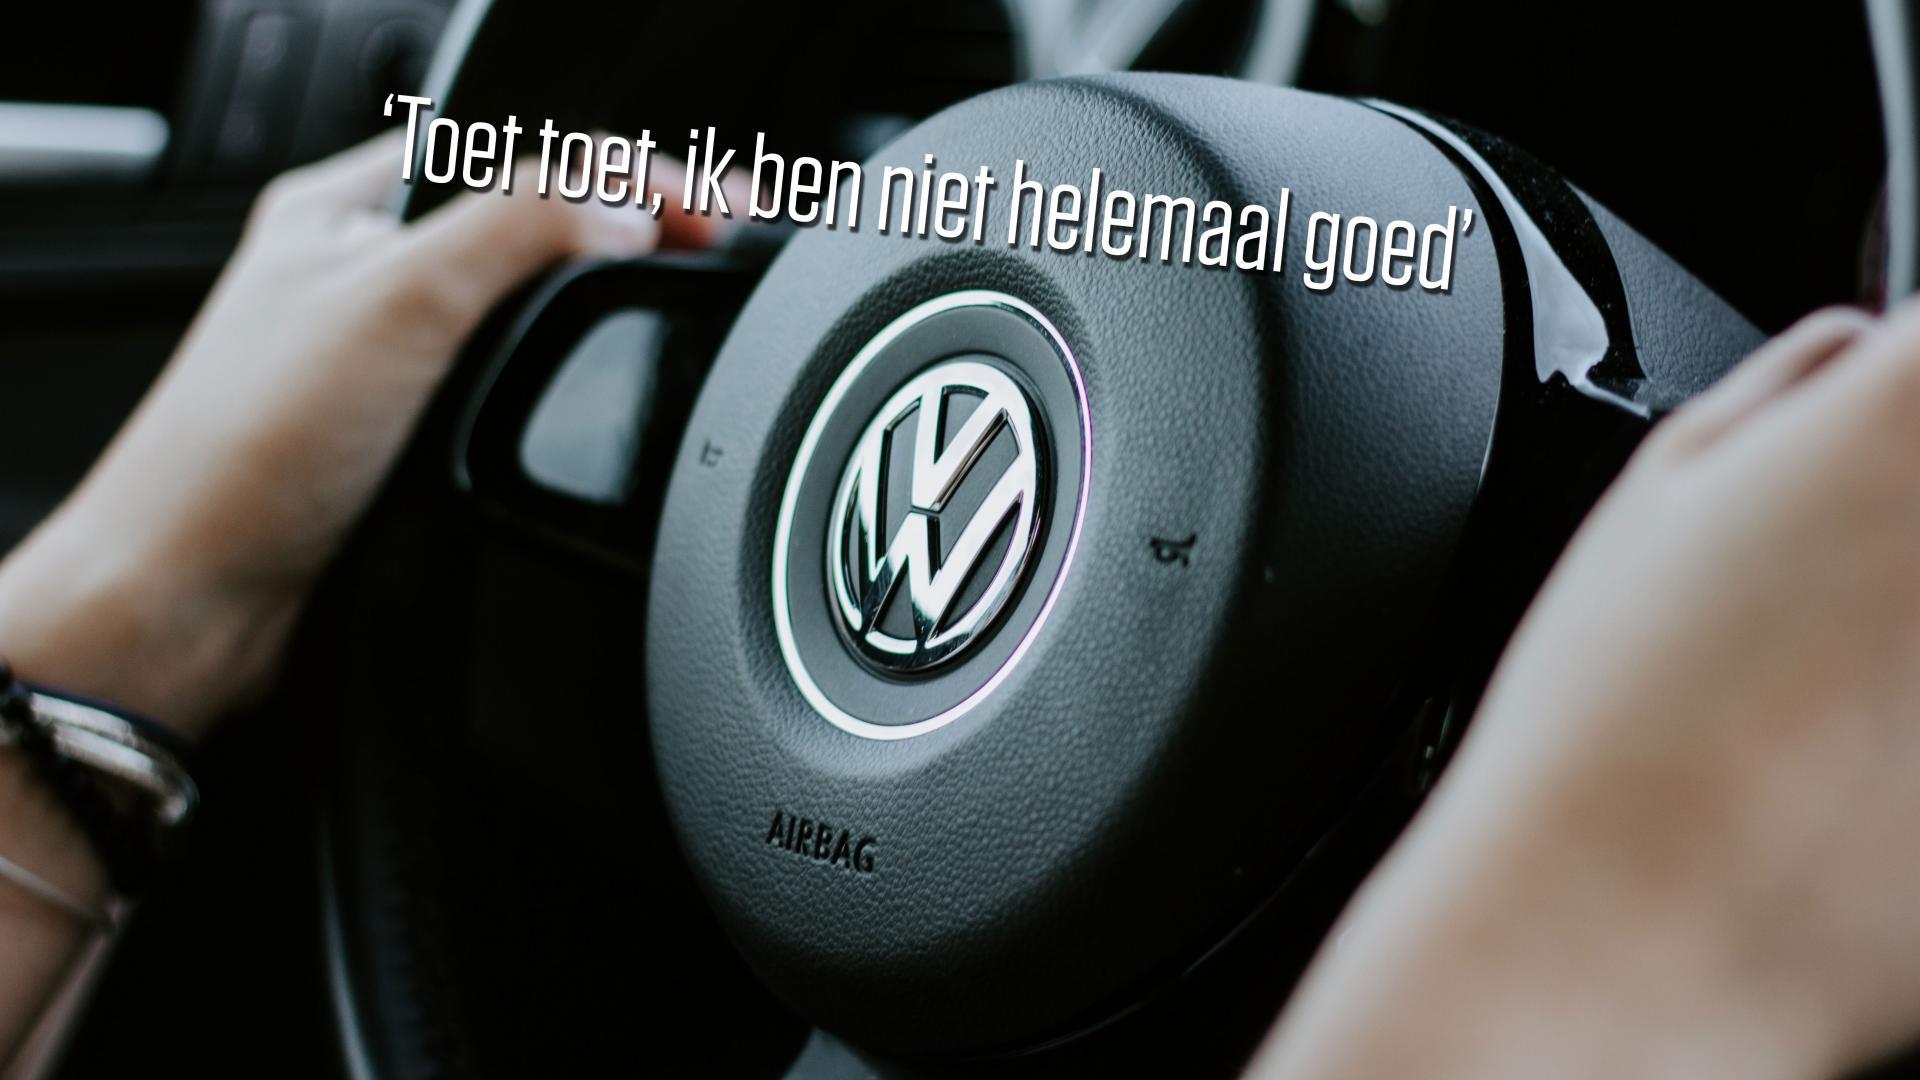 Volkswagen-rijders zijn officieel de domste mensen, aldus onderzoek